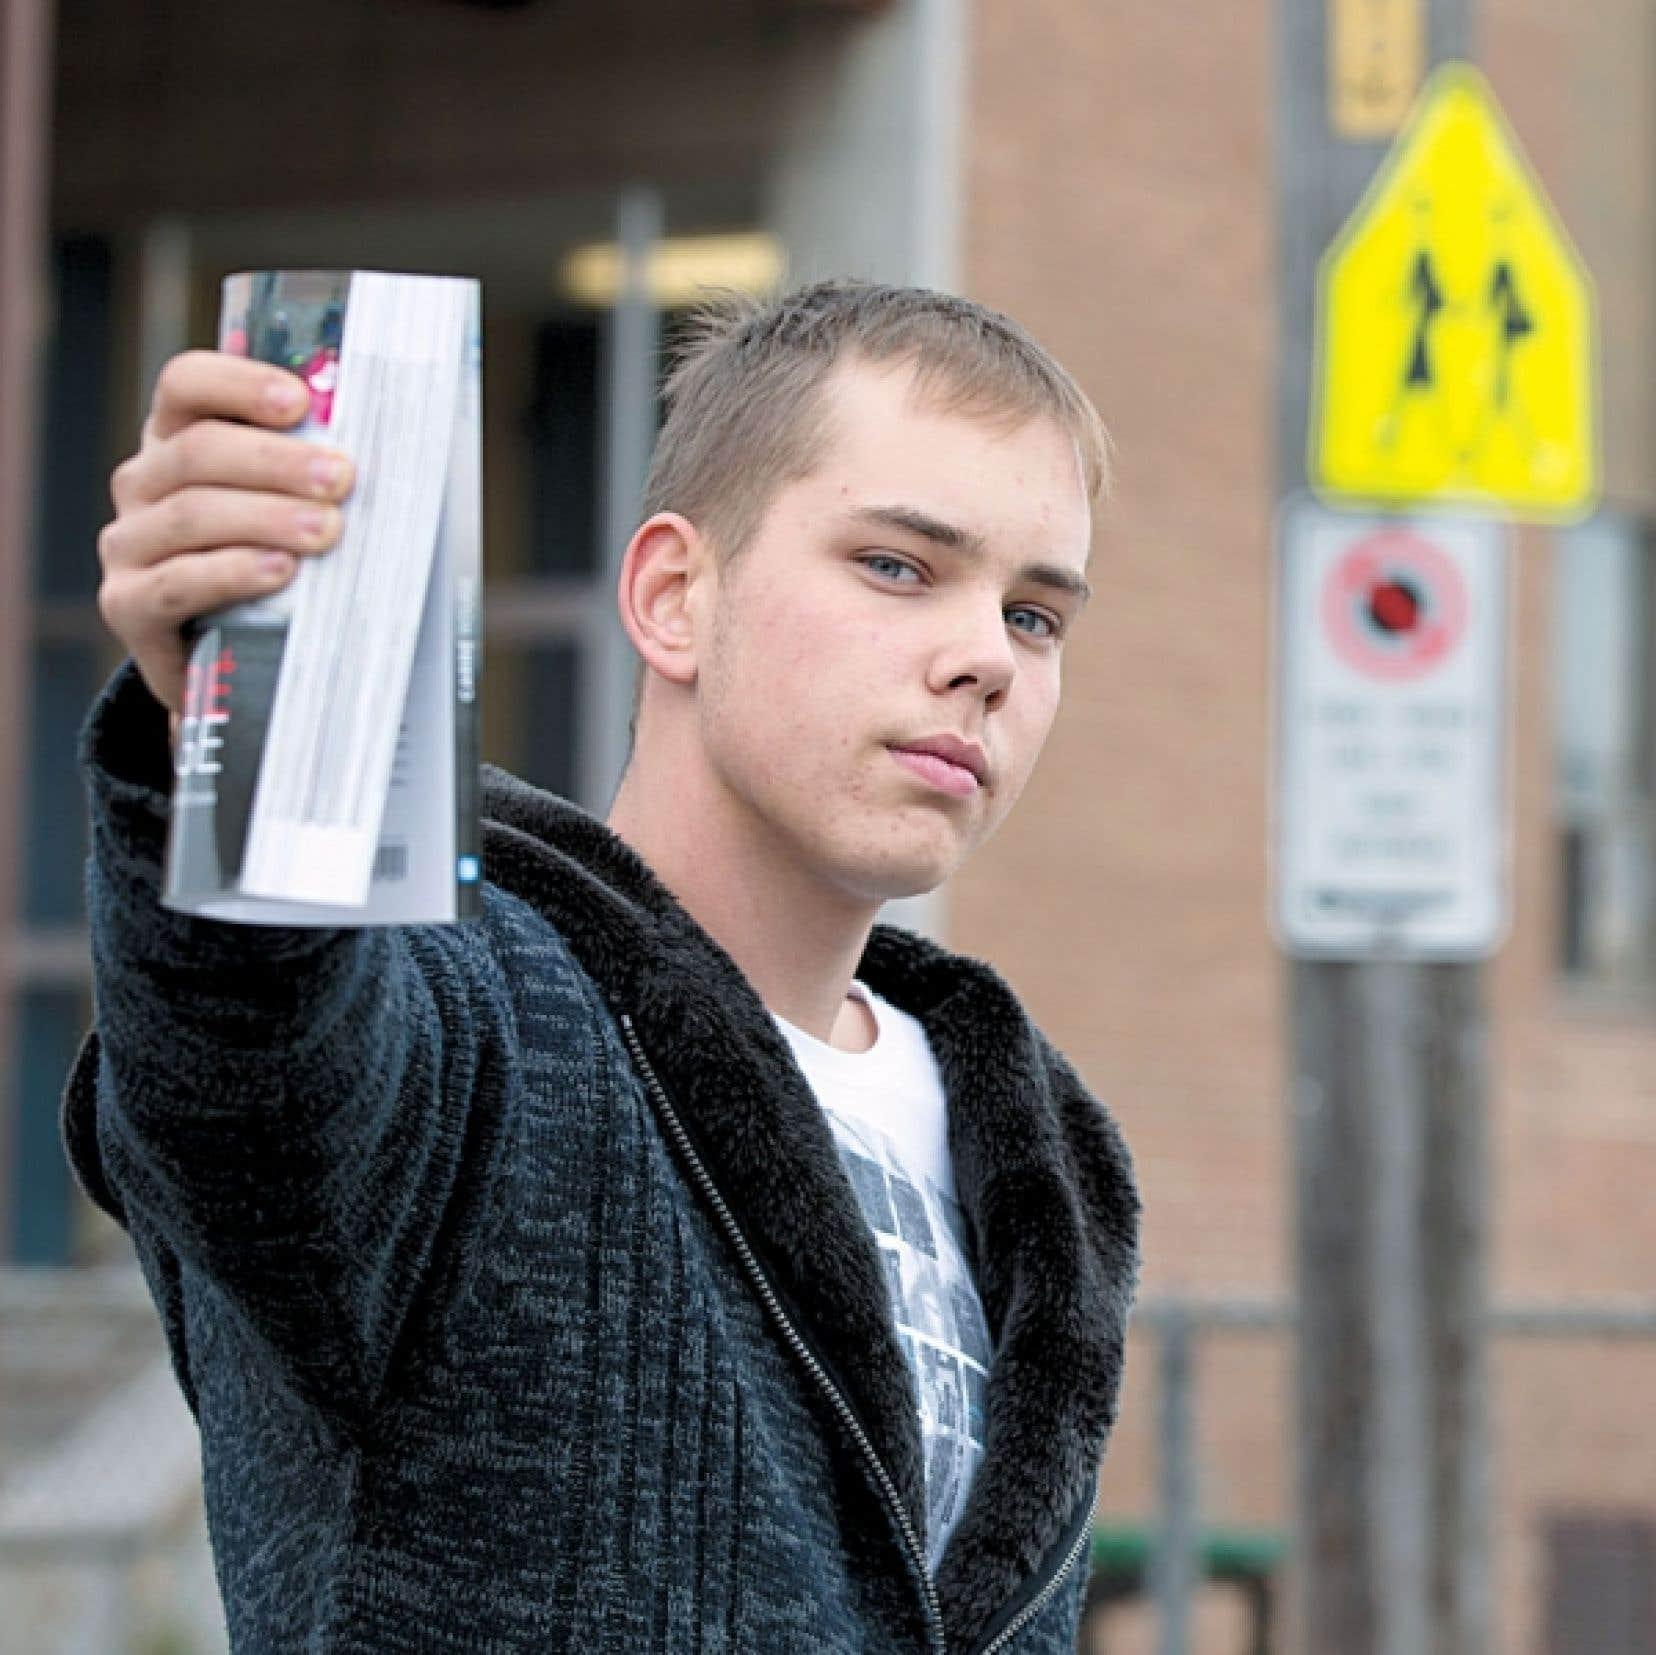 Après un parcours sinueux, Mathieu Charbonneau a abandonné l'école à 16 ans avec un français de niveau 2e année primaire.